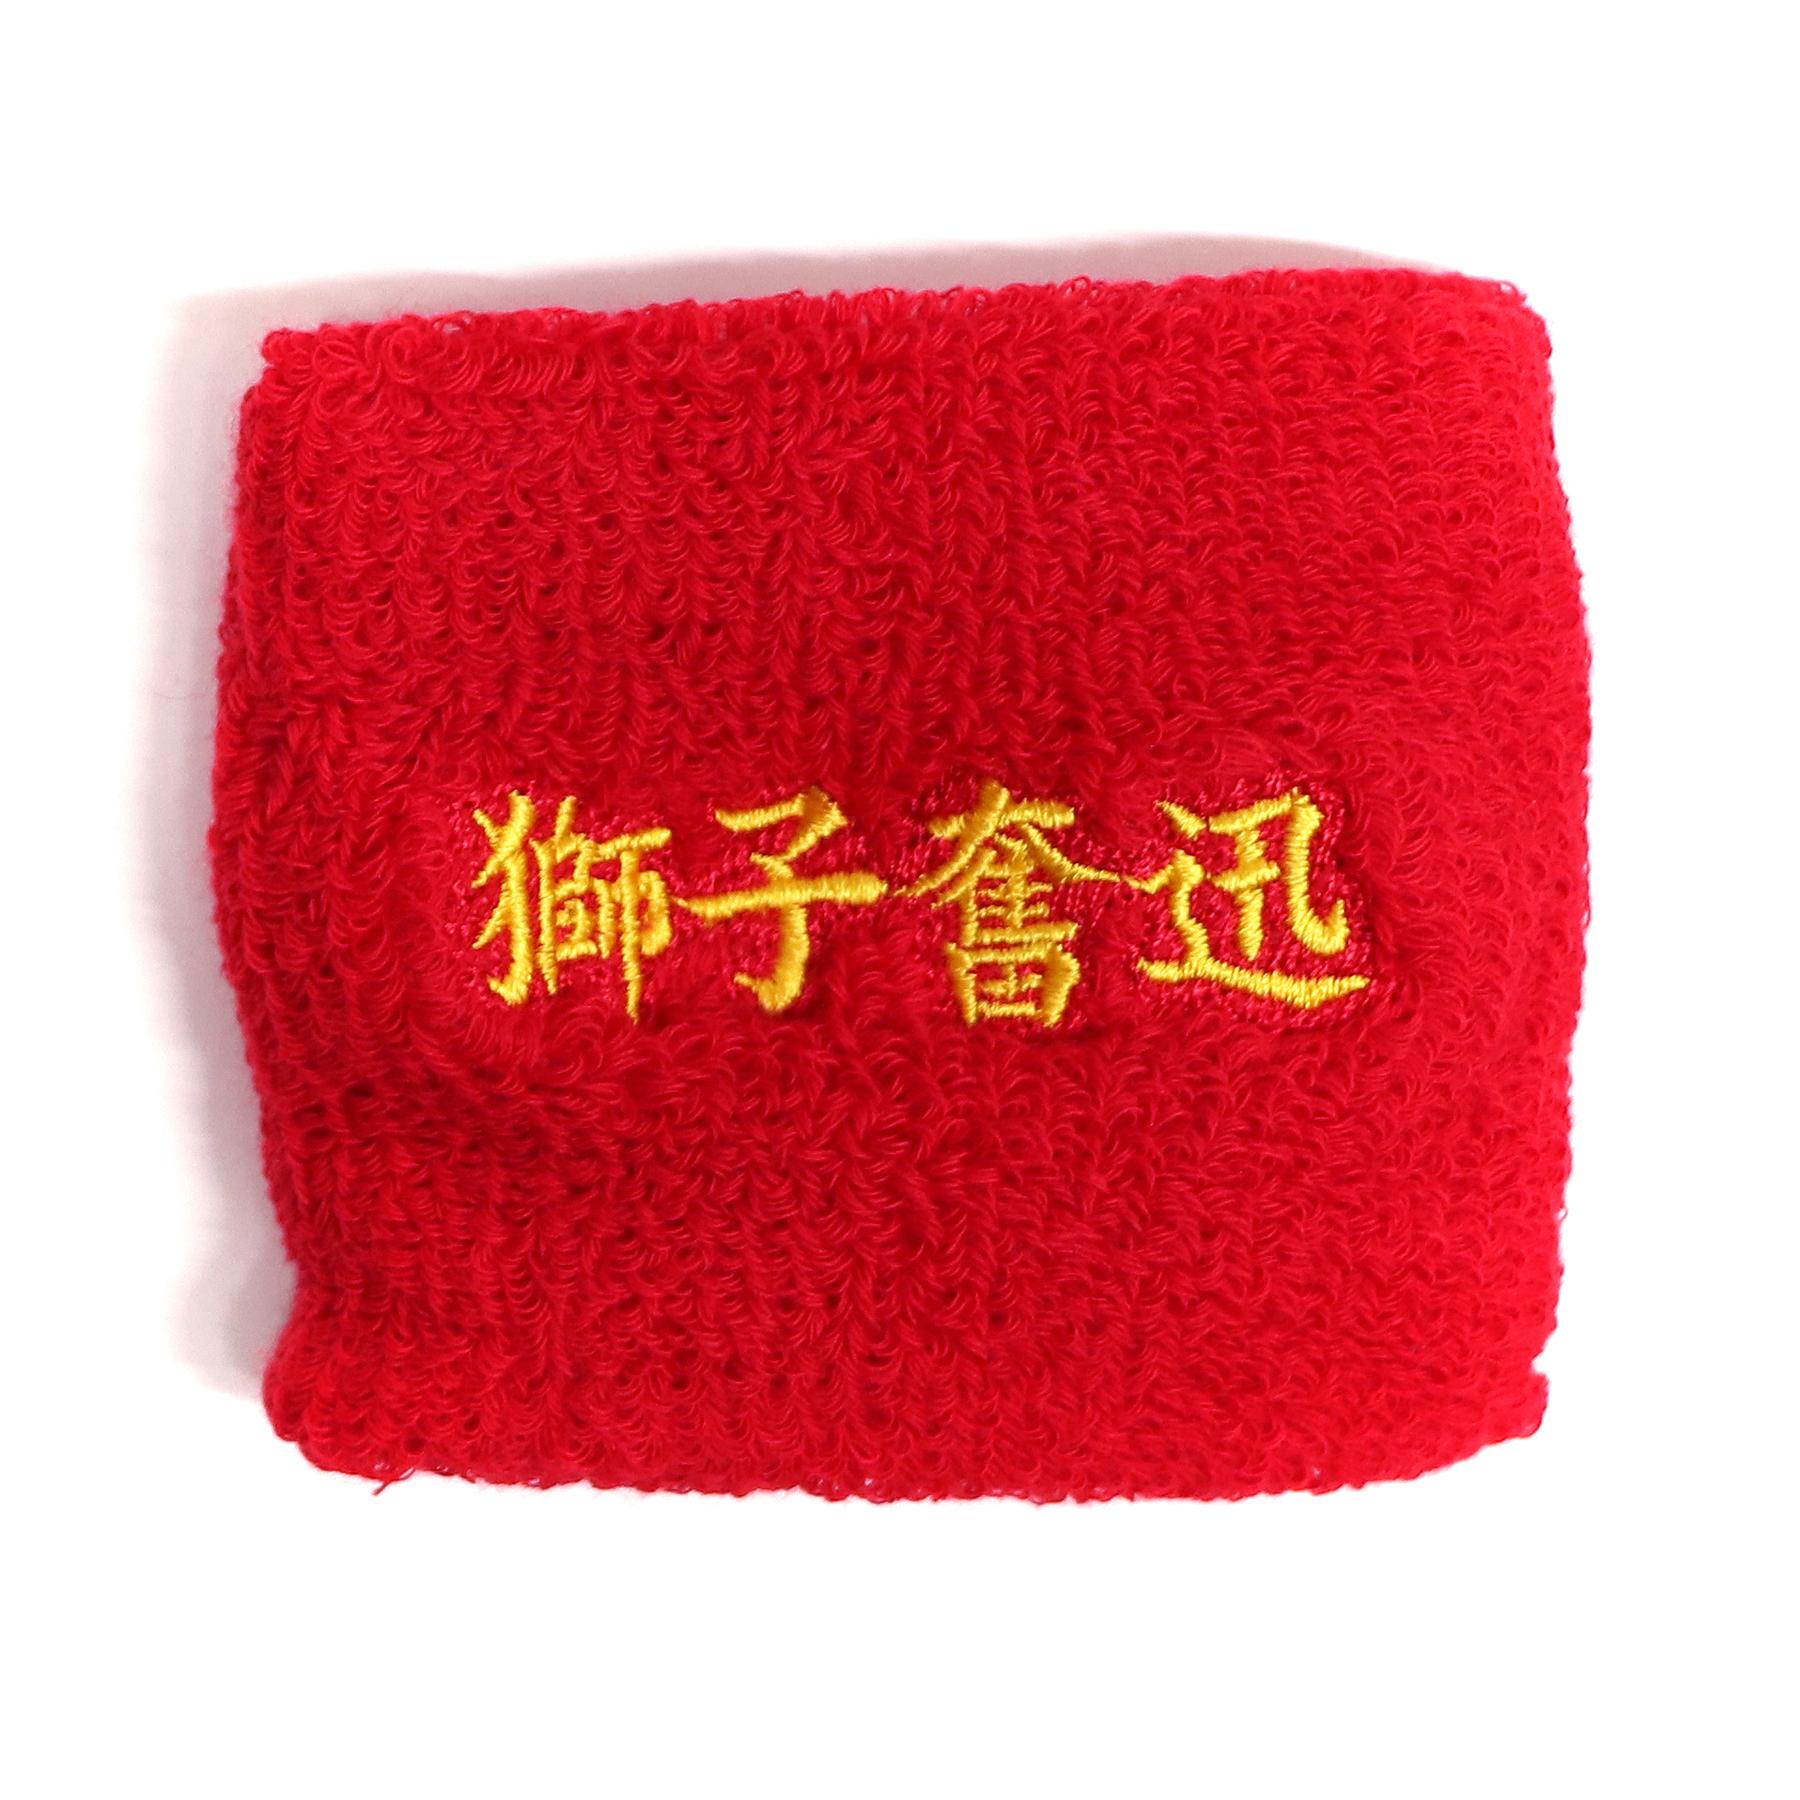 【17004】フォント刺繍/M1-21 赤/Fサイズ